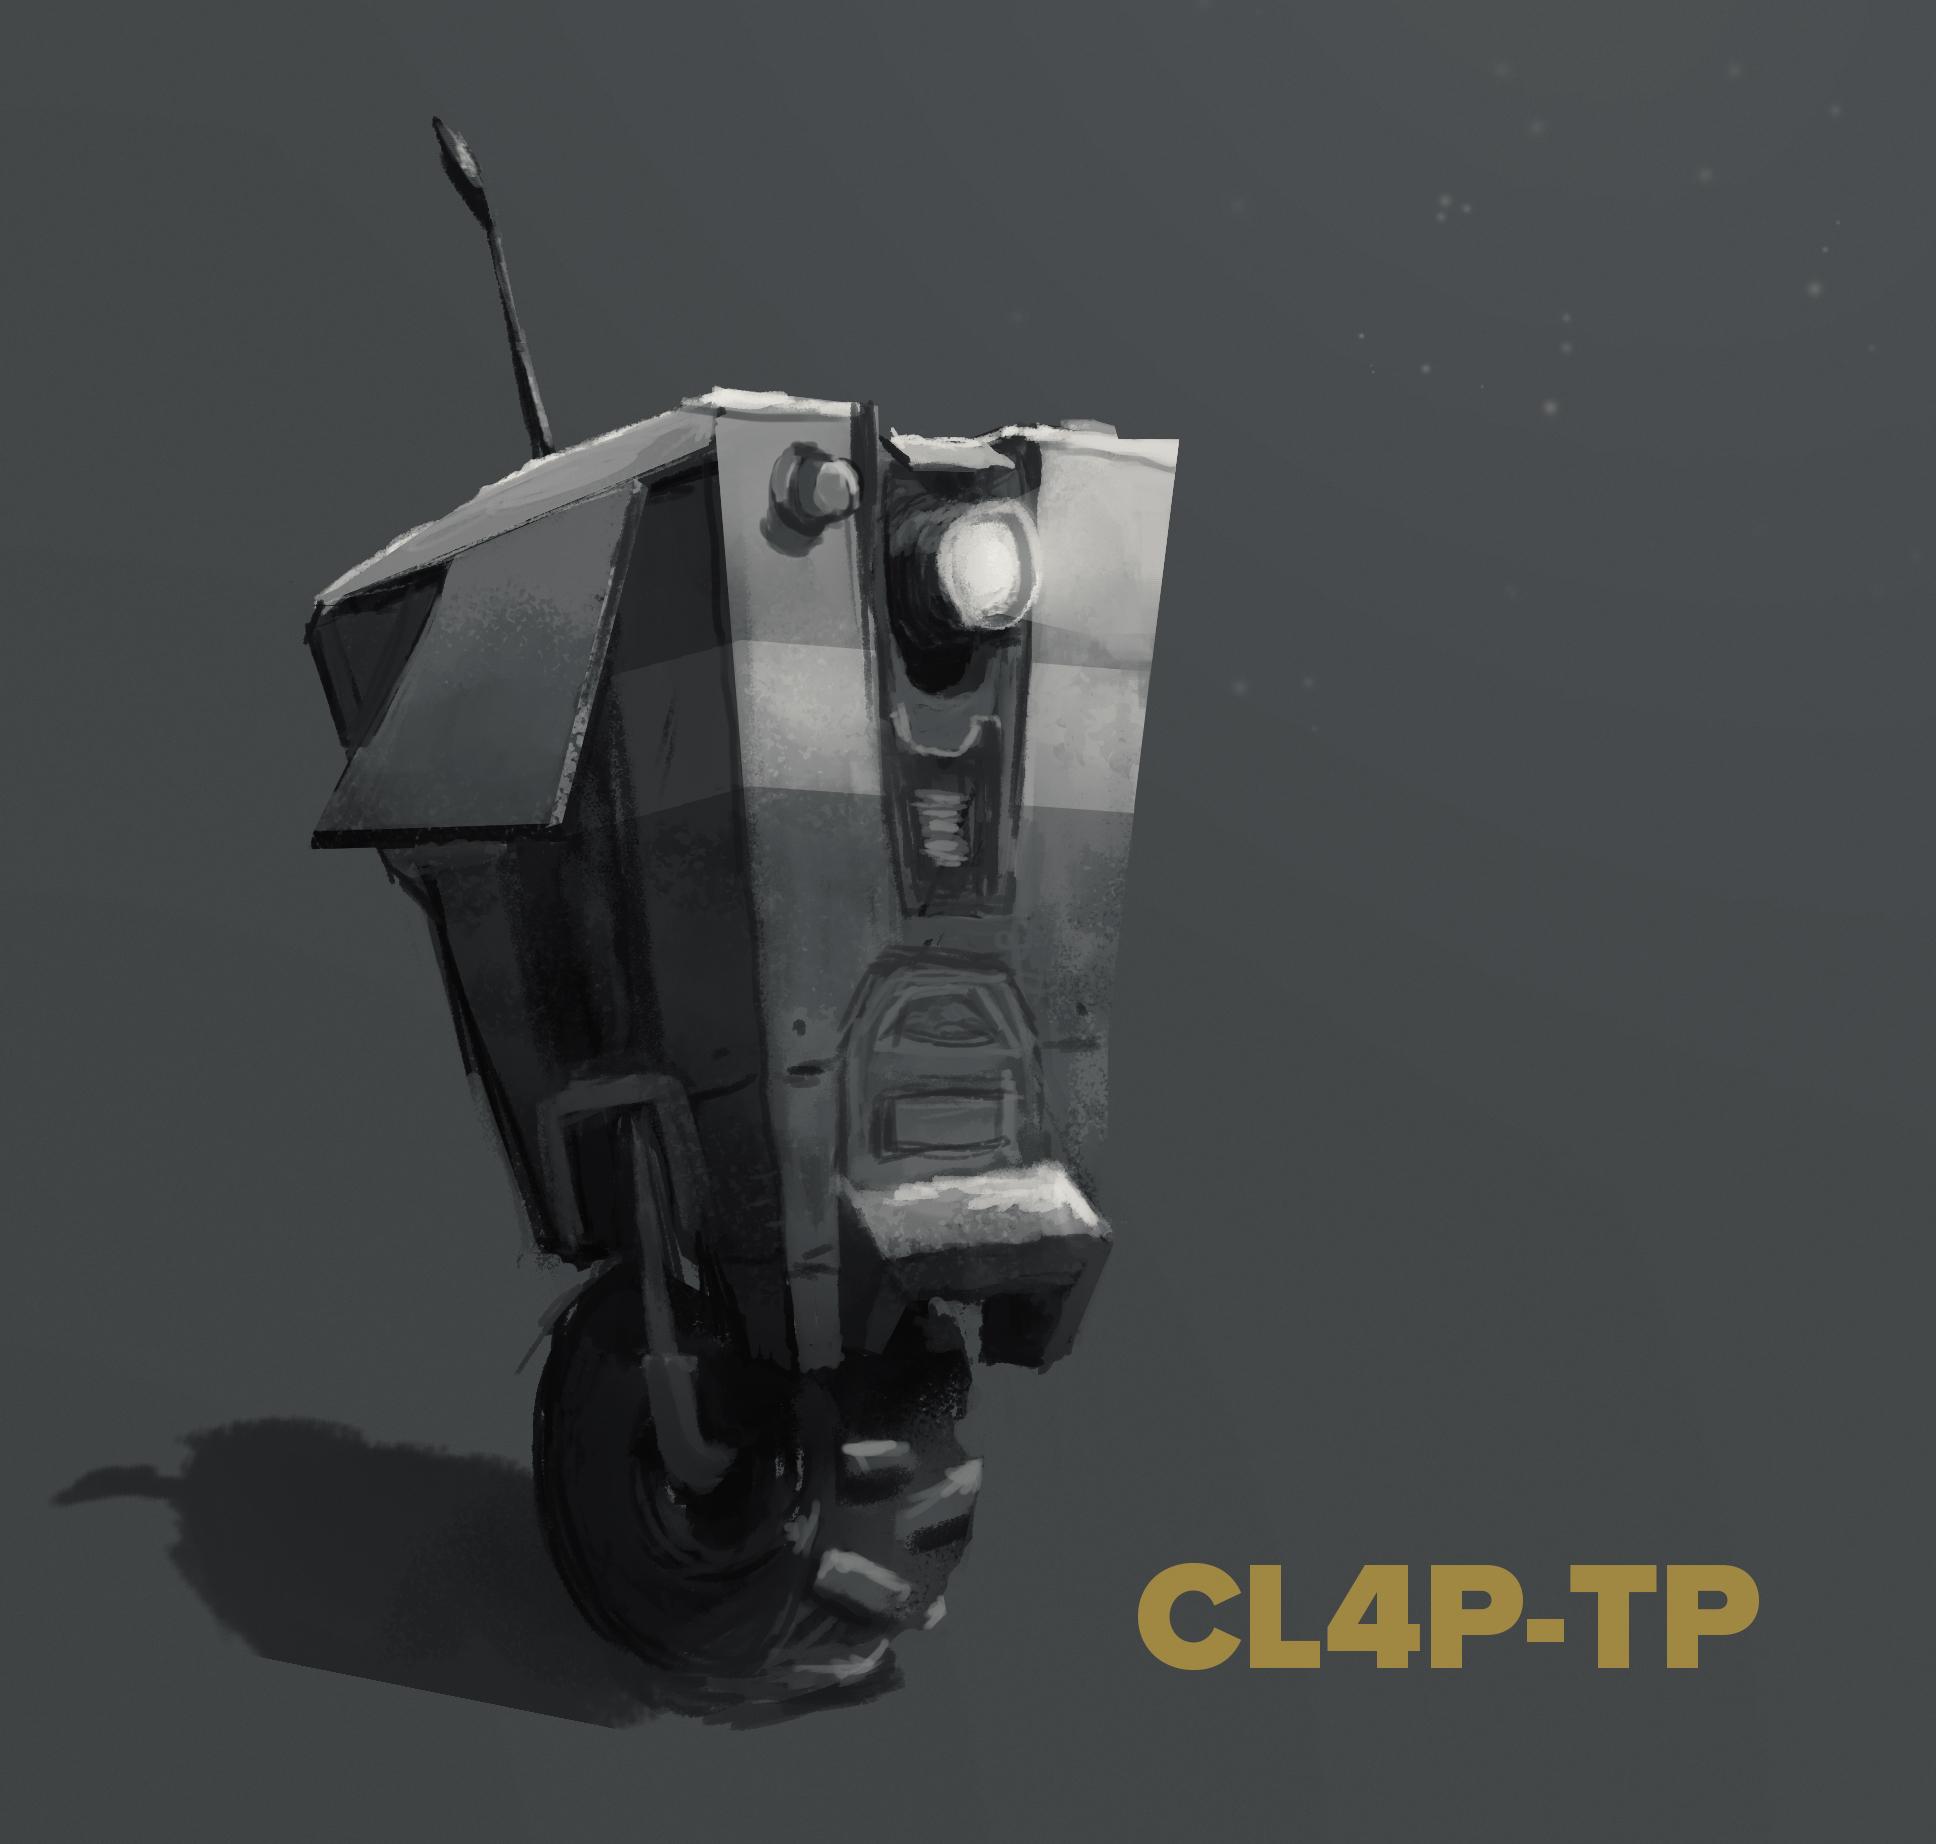 ClapTrap - CL4P-TP